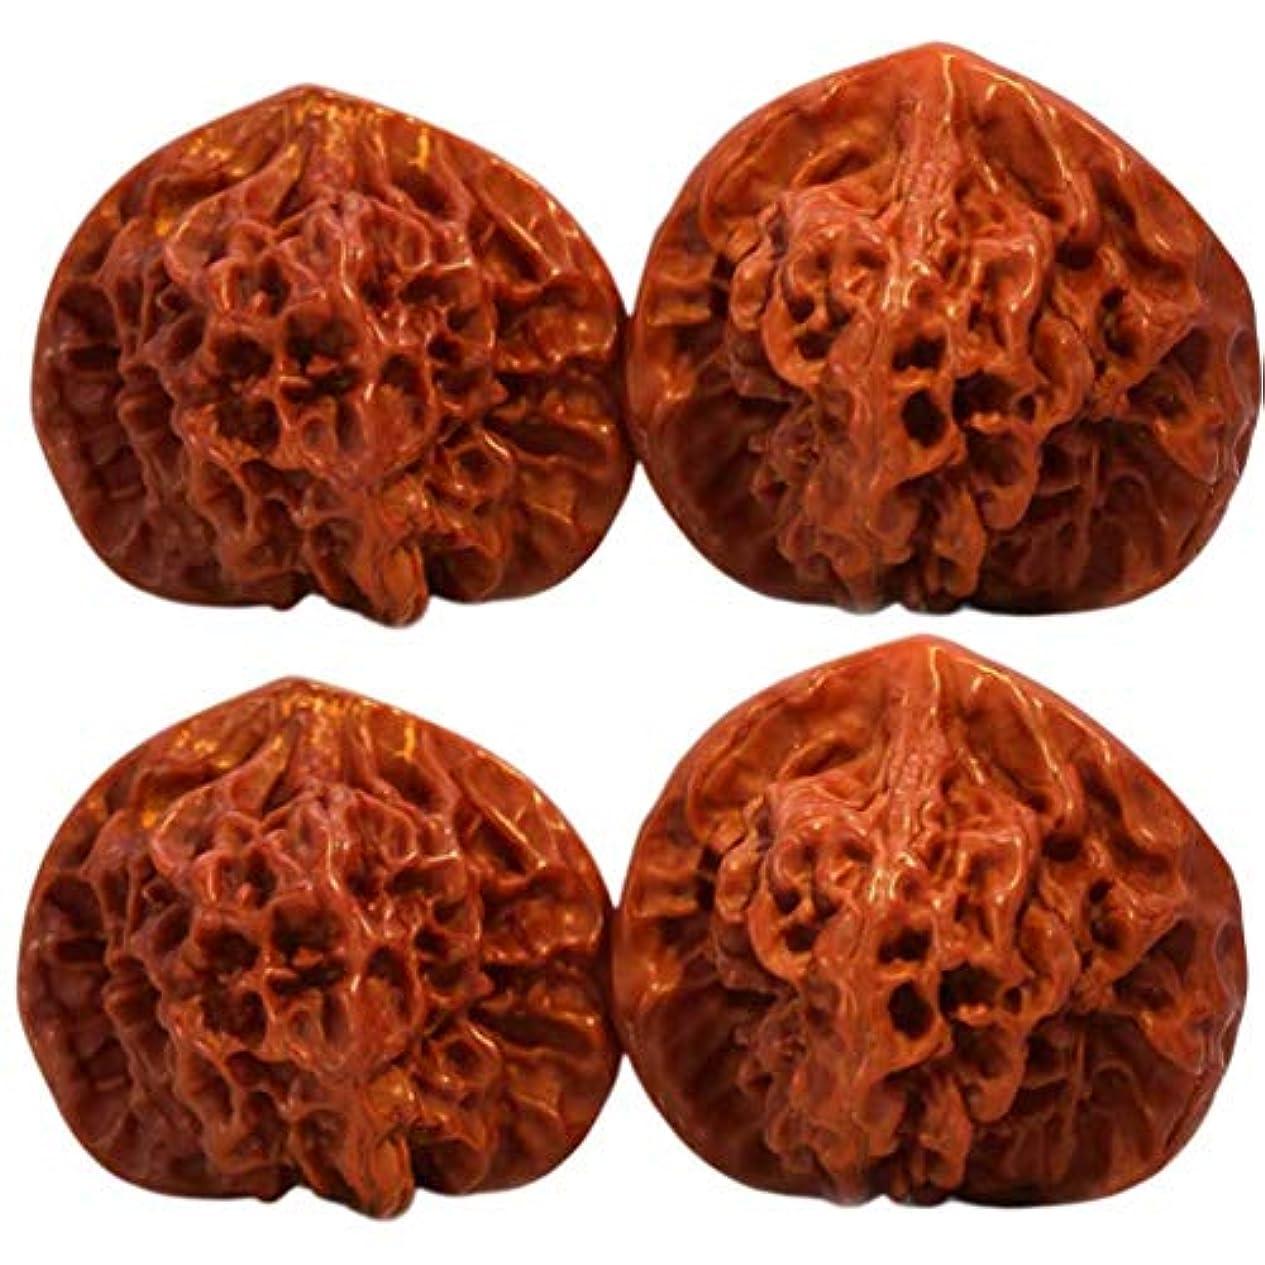 関連する一見ペンスHealifty 4ピースマッサージボール深部組織ボールクルミ形状手掌鍼ボール血液循環筋肉crossfitモビリティ